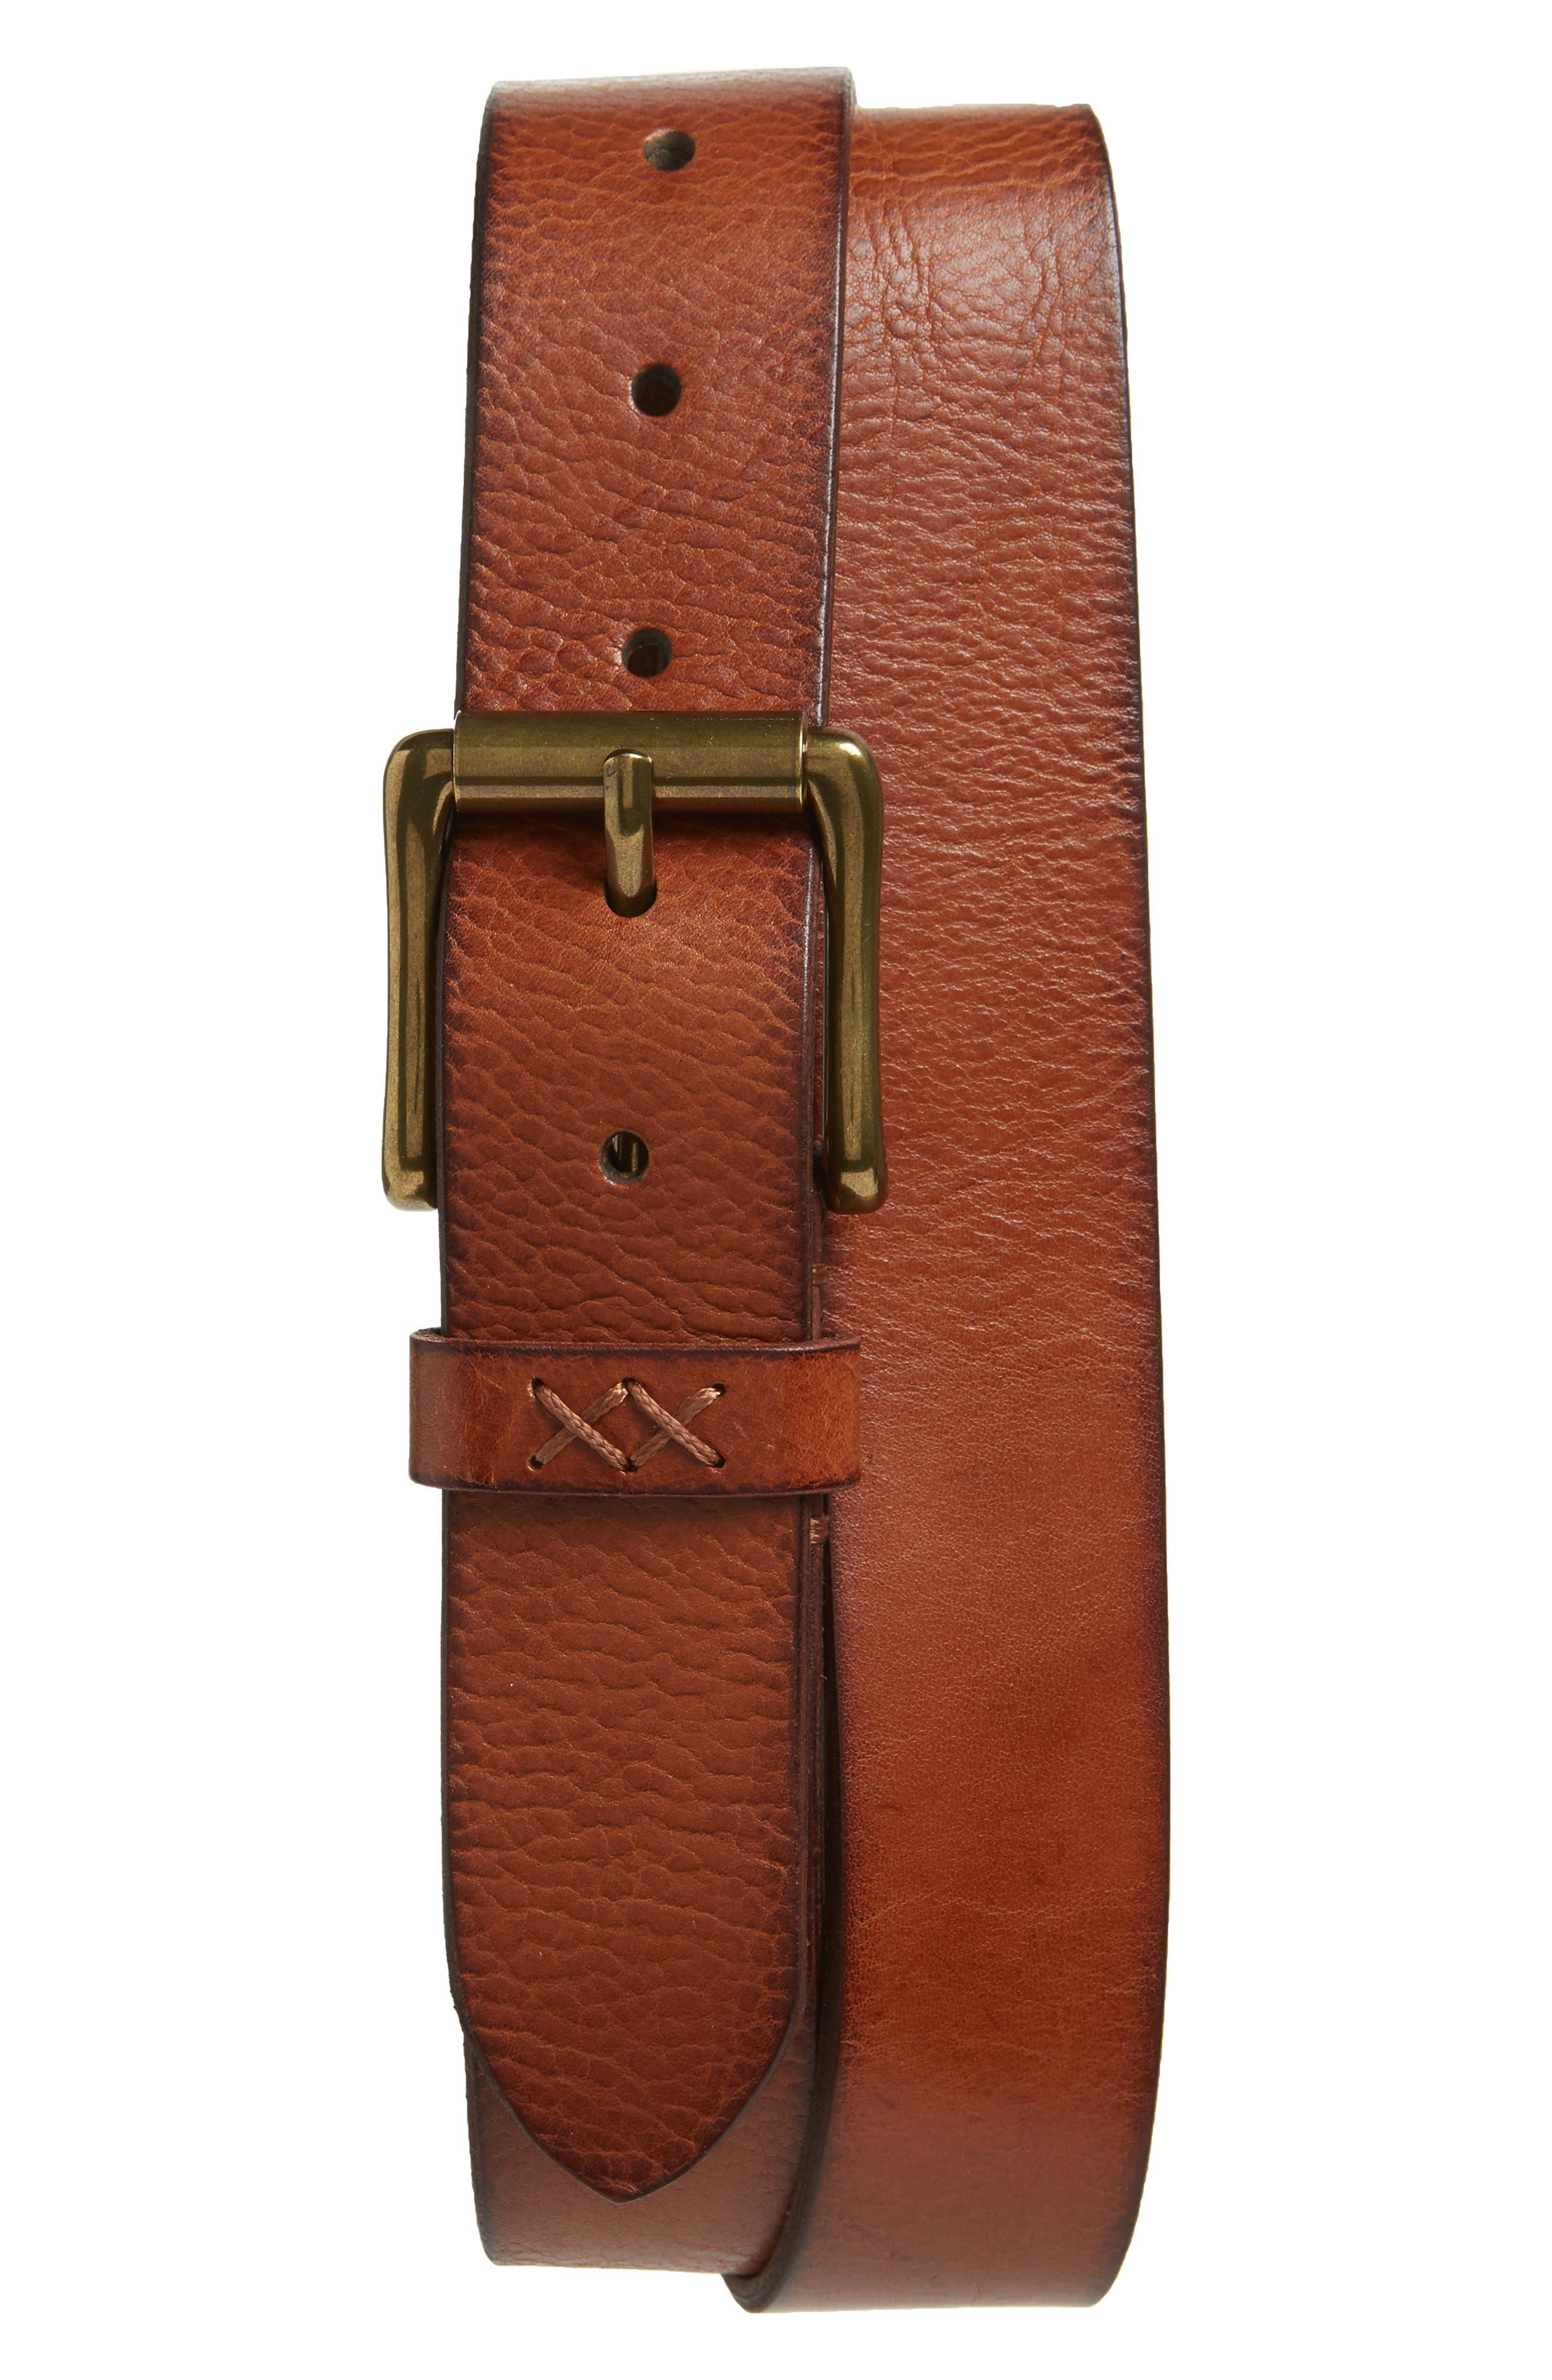 FRYE Flat Panel Leather Belt, Main, color, COGNAC